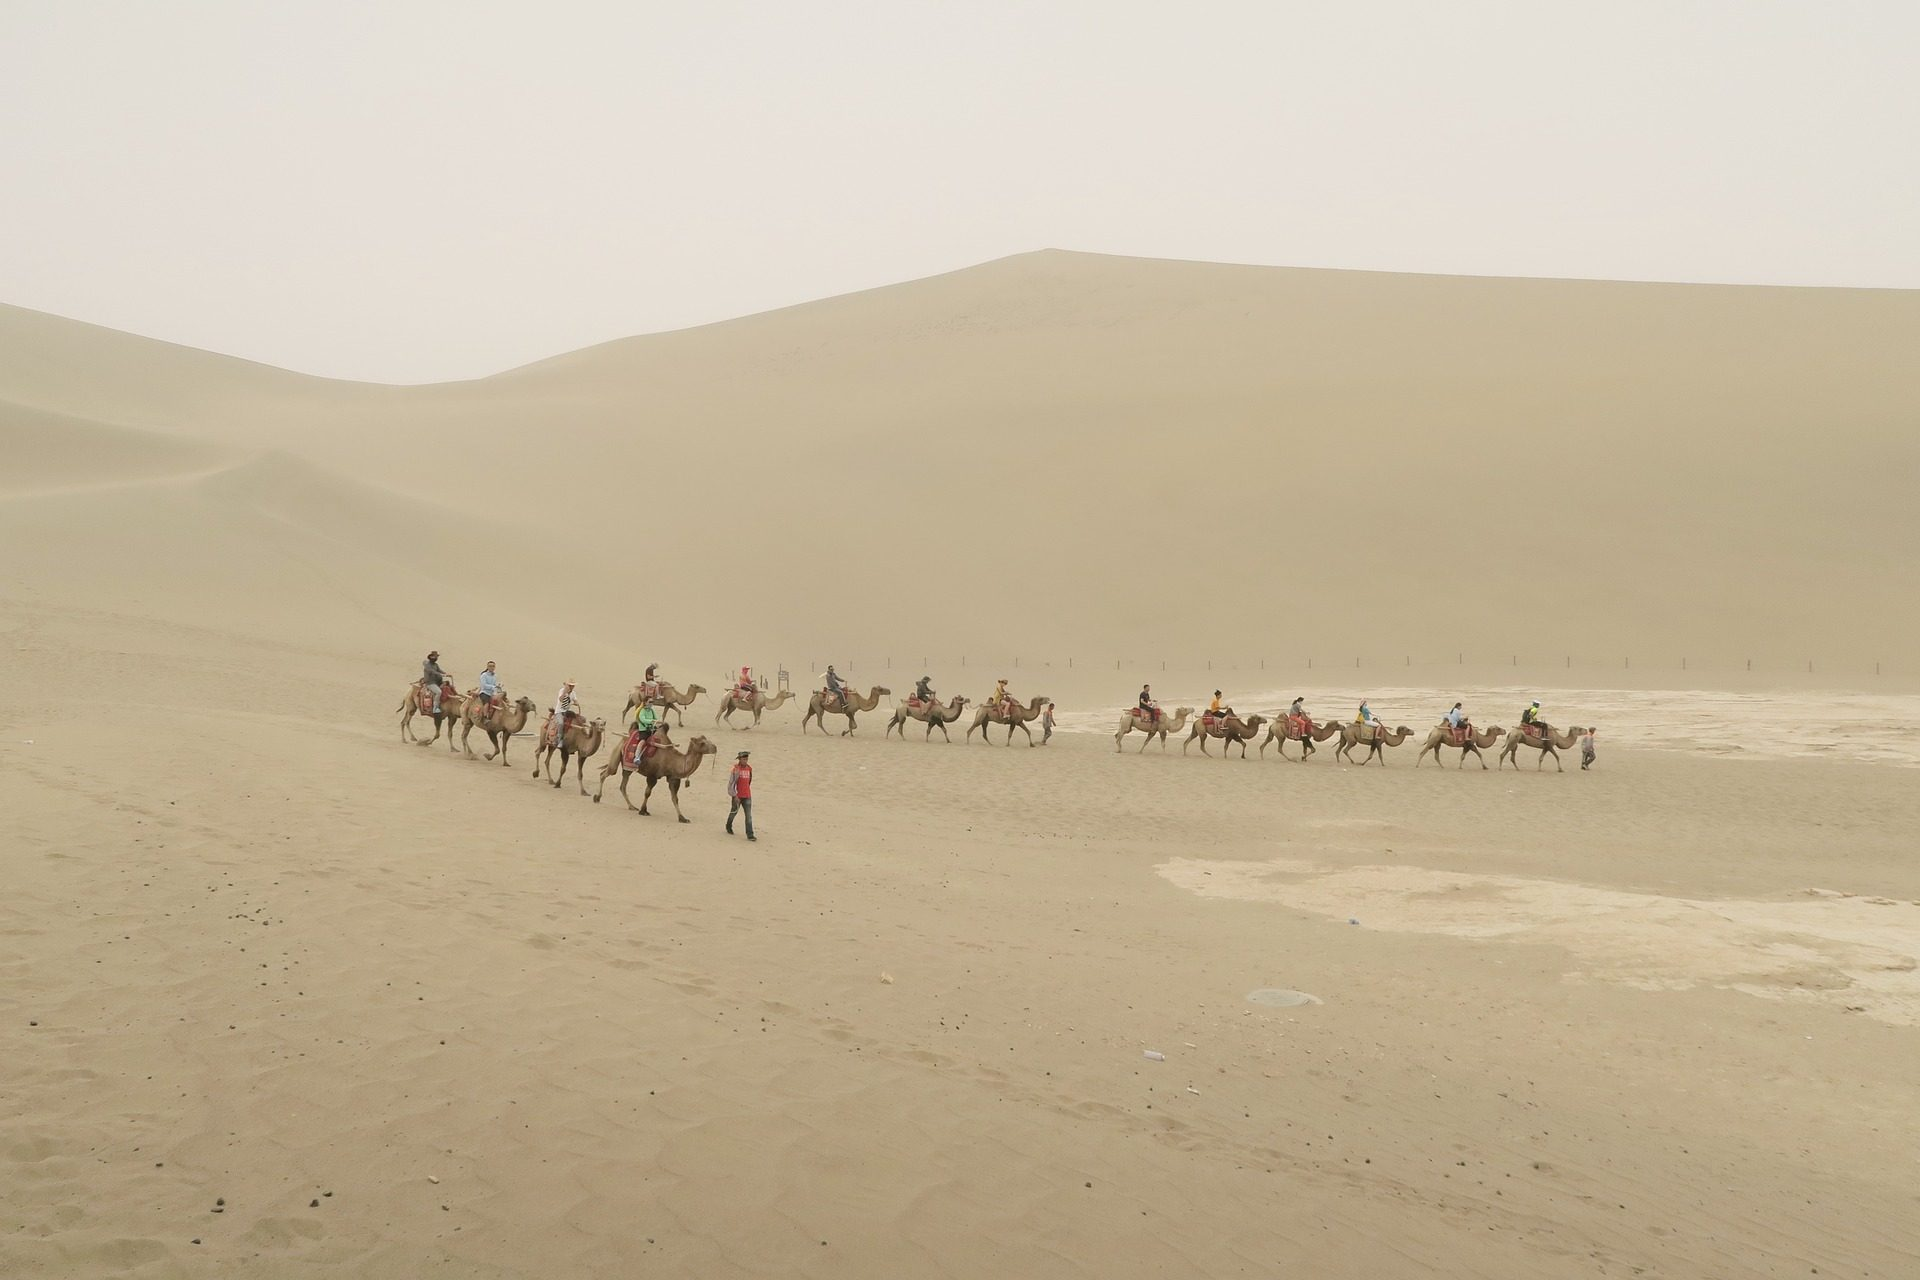 沙漠, 沙丘, 沙子, 骆驼, 商队, 旅游 - 高清壁纸 - 教授-falken.com